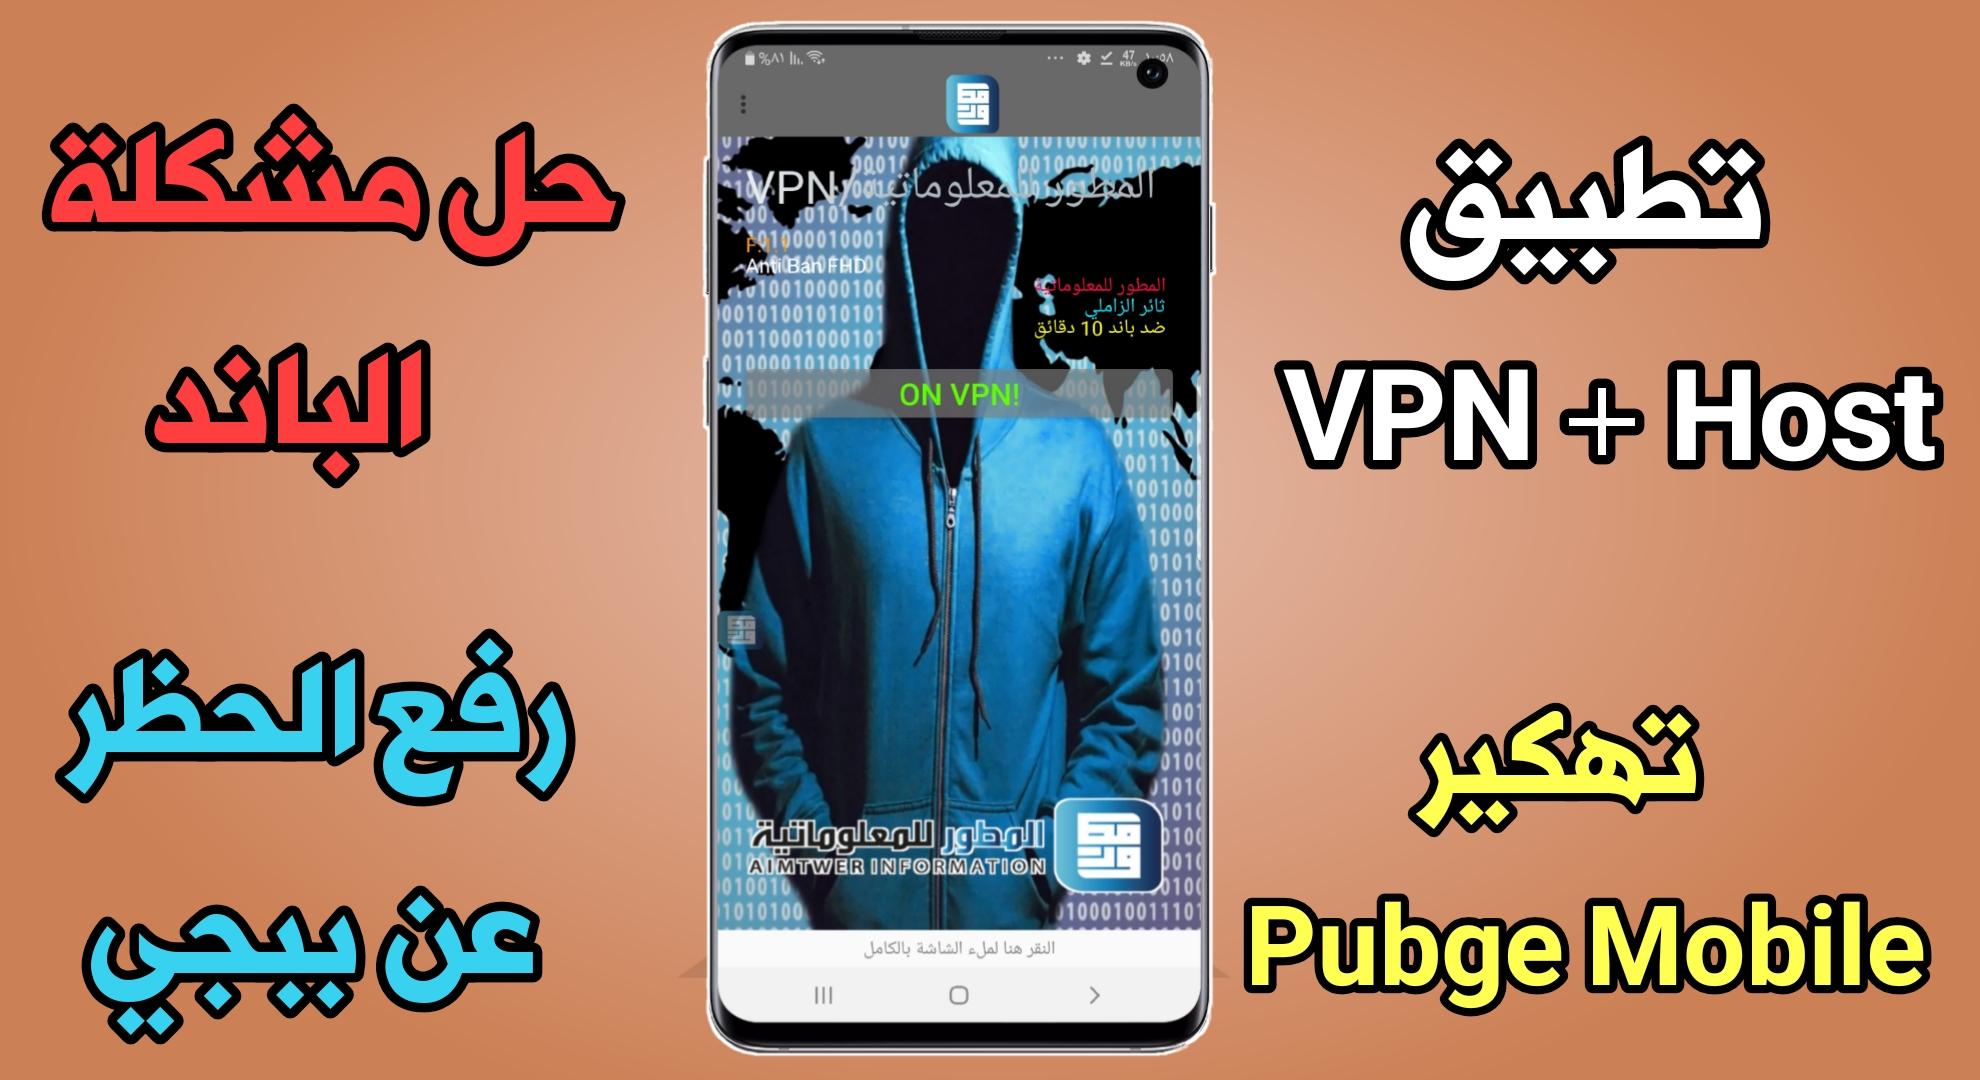 تطبيق VPN ضد الباند 10 دقائق تهكير Pubge تشغيل VPN وهوست في نفس الوقت